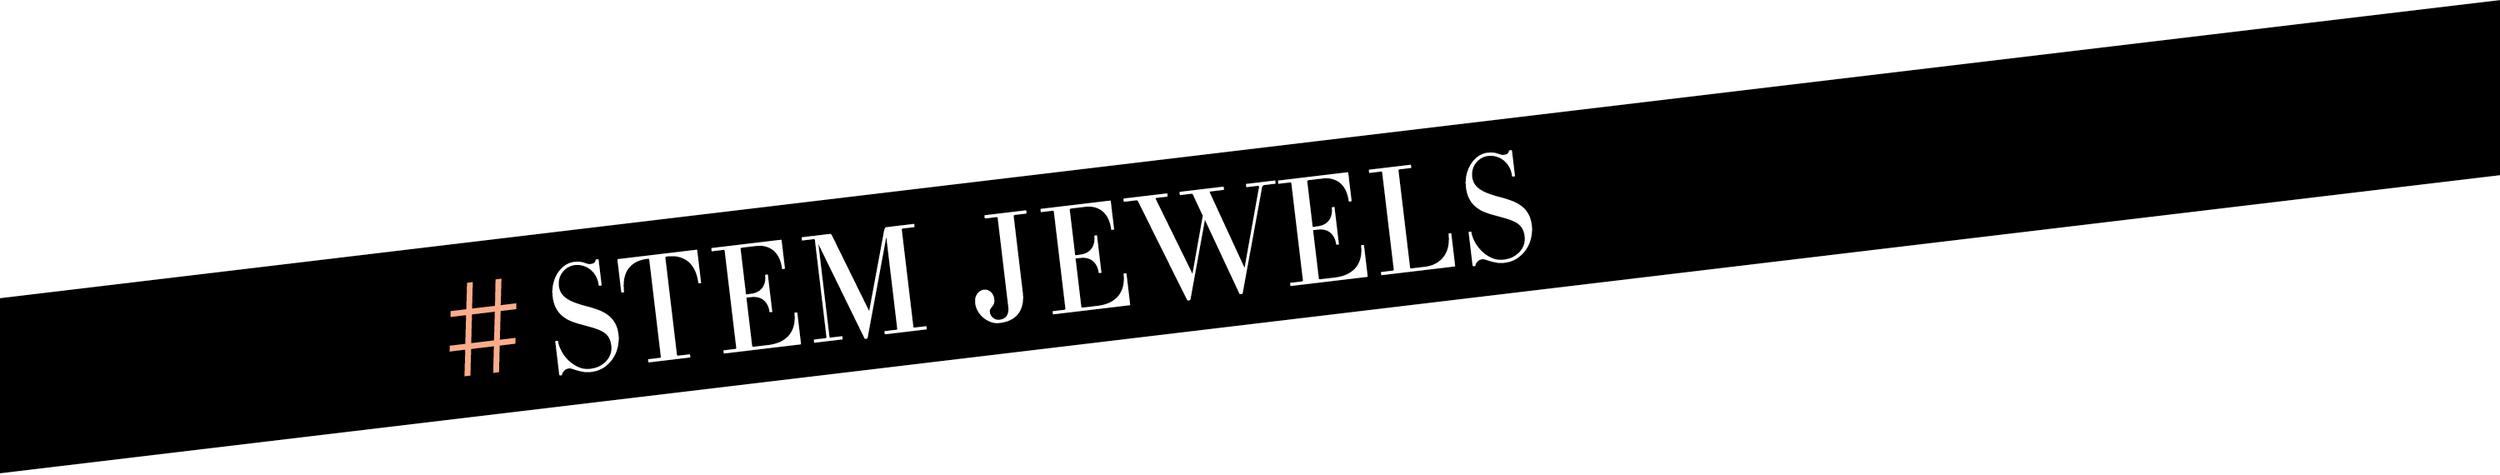 STEM Jewels